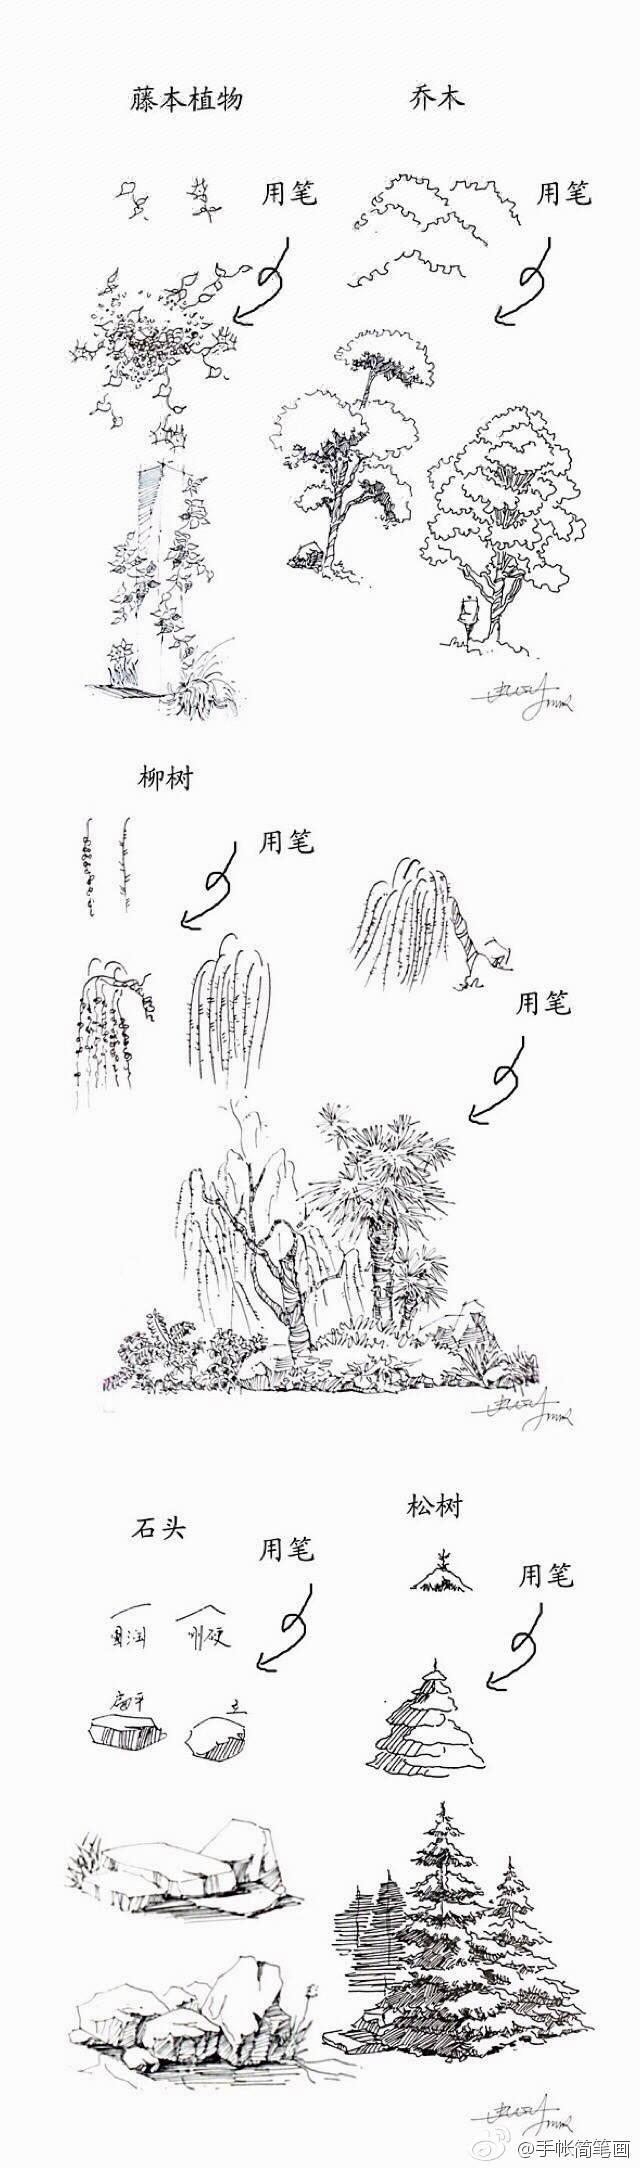 常见植物的线稿简笔画素材 带植物名称 可以作为景观设计线描手法素材